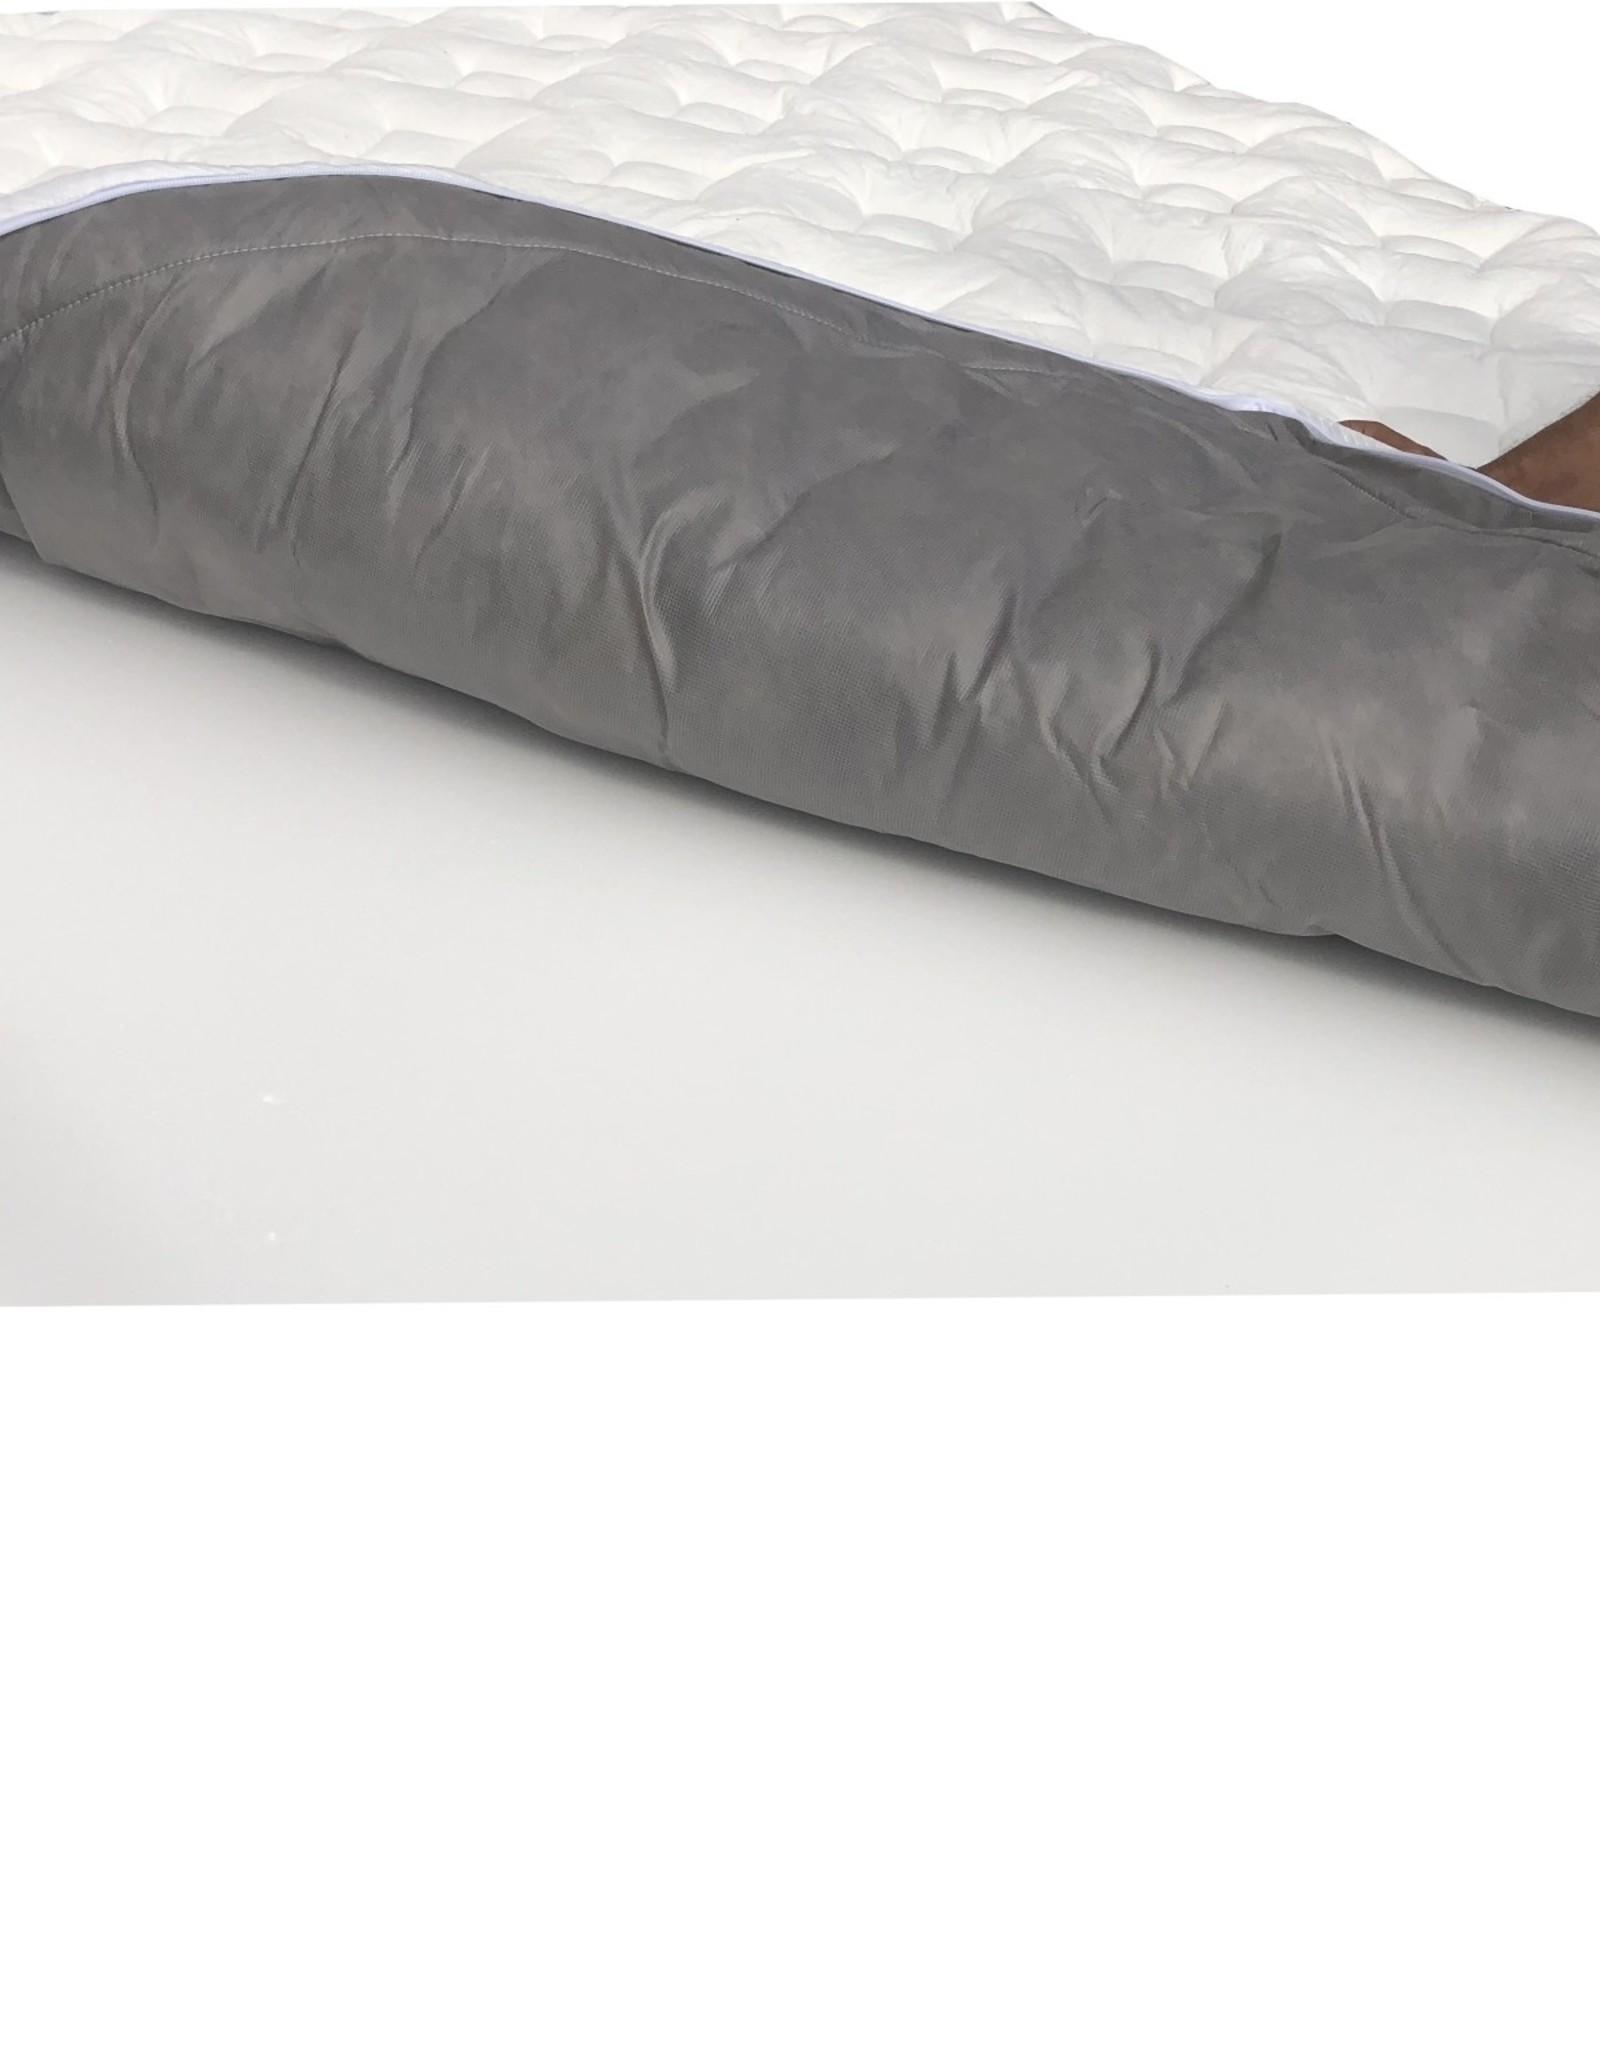 Sleep Number Pillow Top Shell